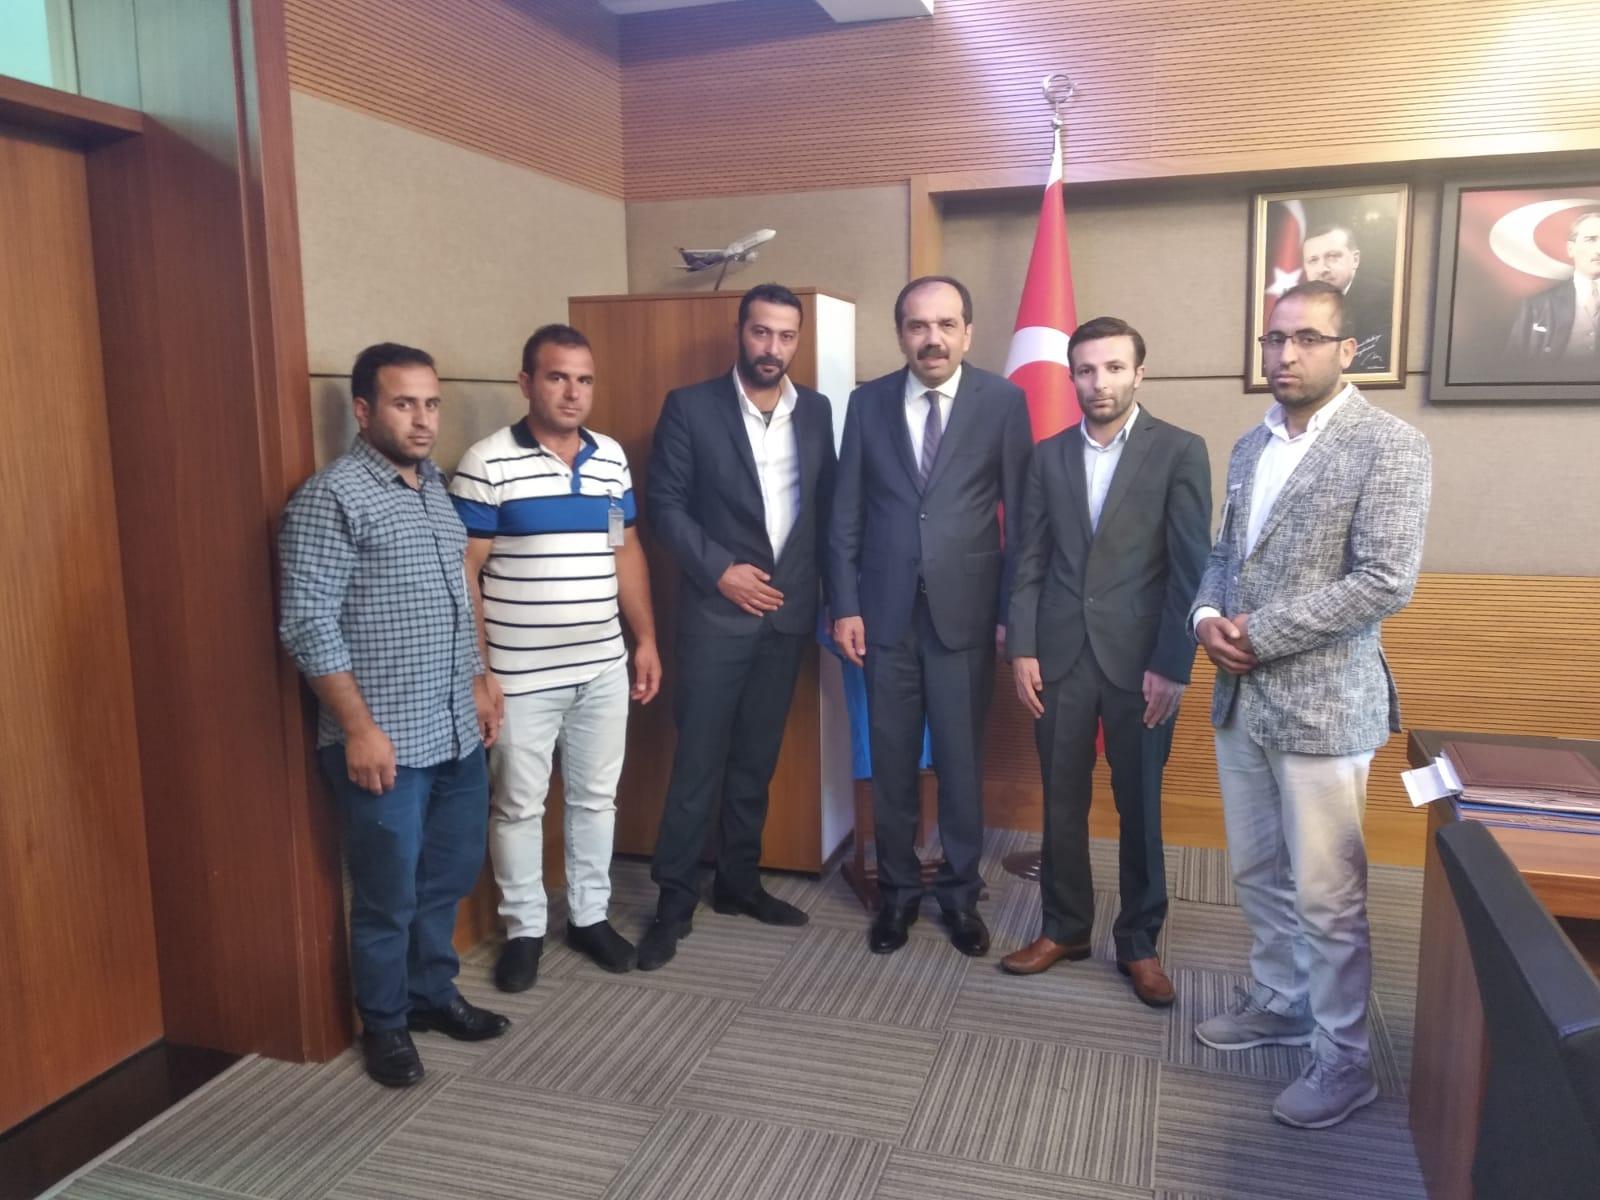 TBMM Çevre Komisyonu Başkanı sayın Muhammet Balta'yı makamında ziyaret ettik.